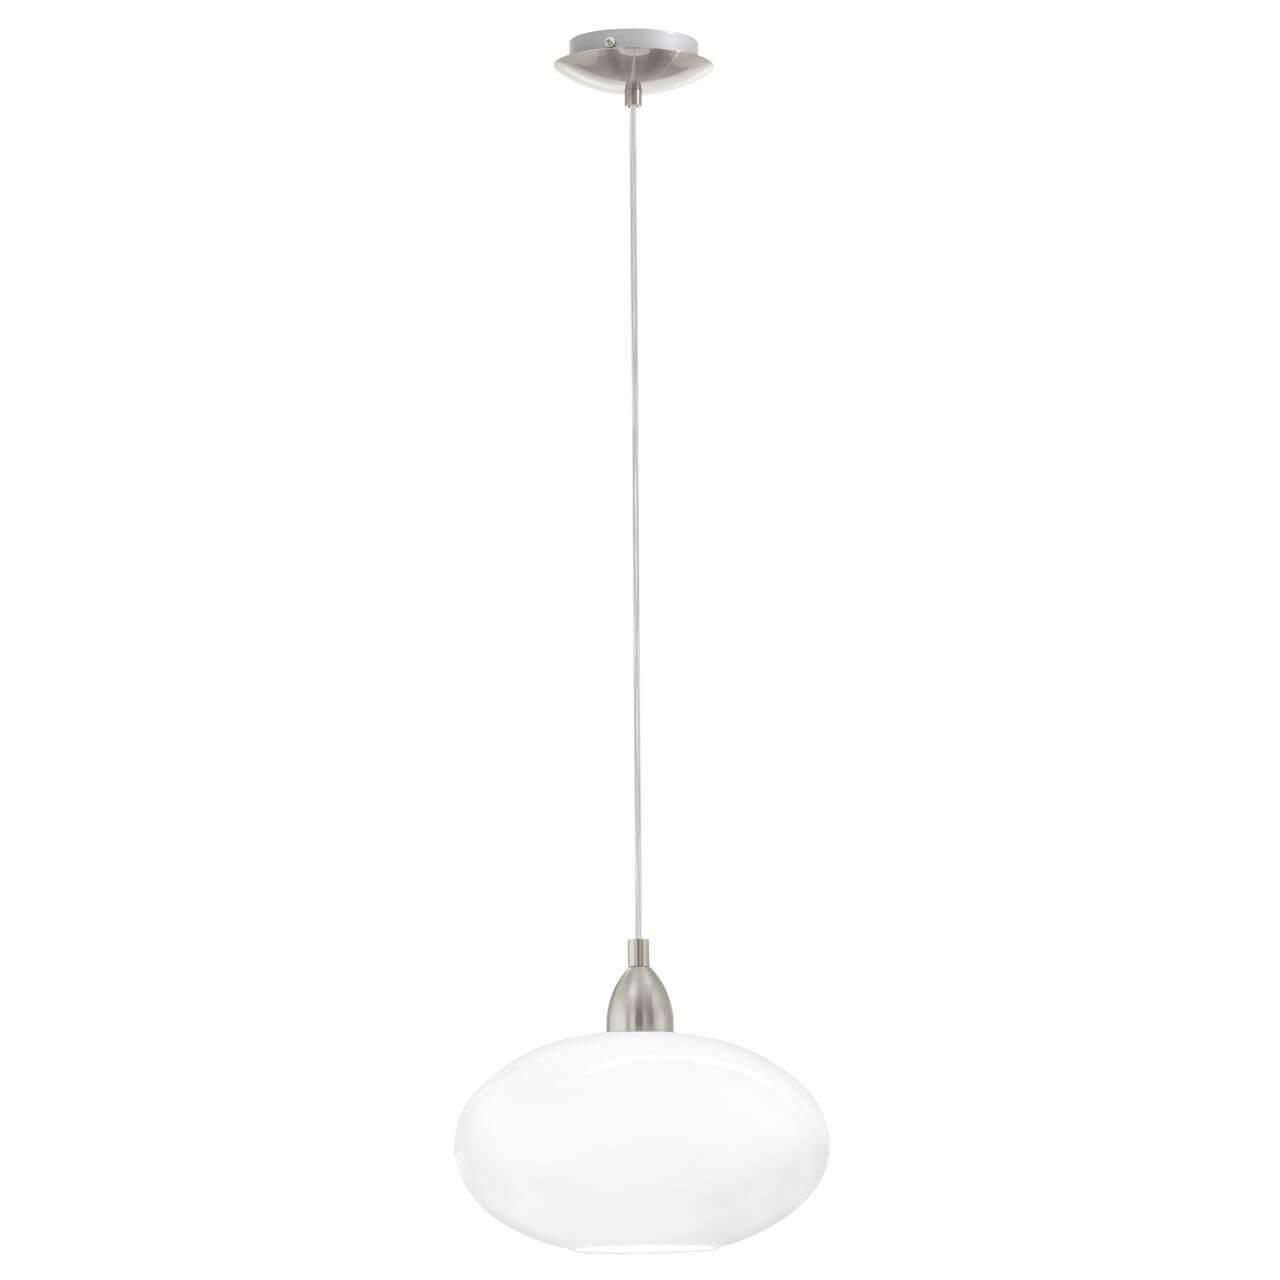 Подвесной светильник Eglo 87059, E27, 60 Вт